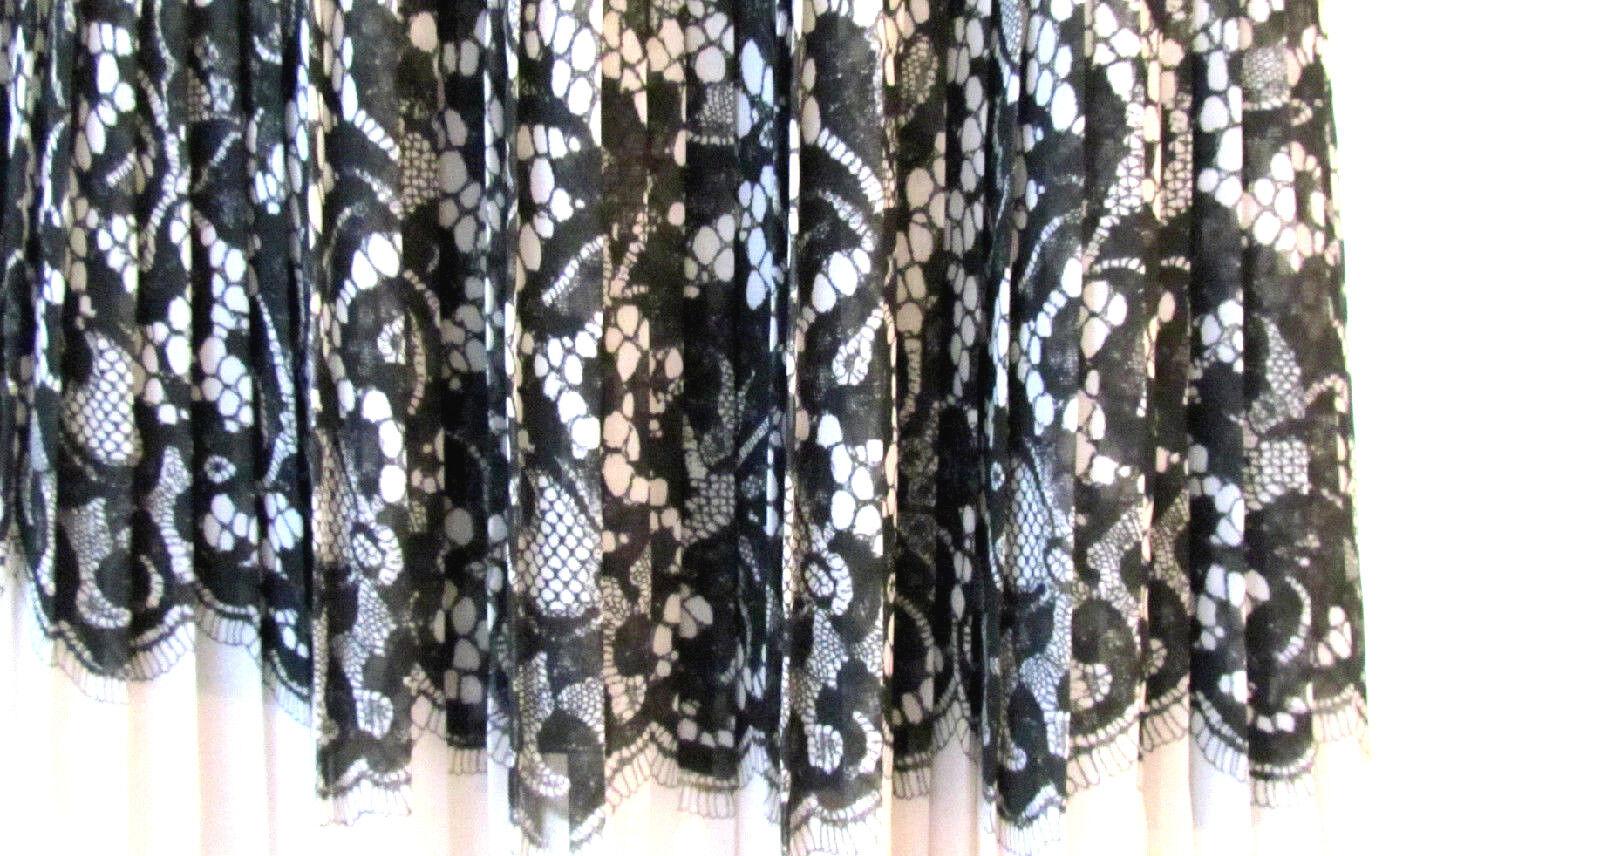 Mujer Faldas Plisado Faldas Diseño Dkny blancoo Negro Encaje  Falda Estampada 10.R  bienvenido a elegir